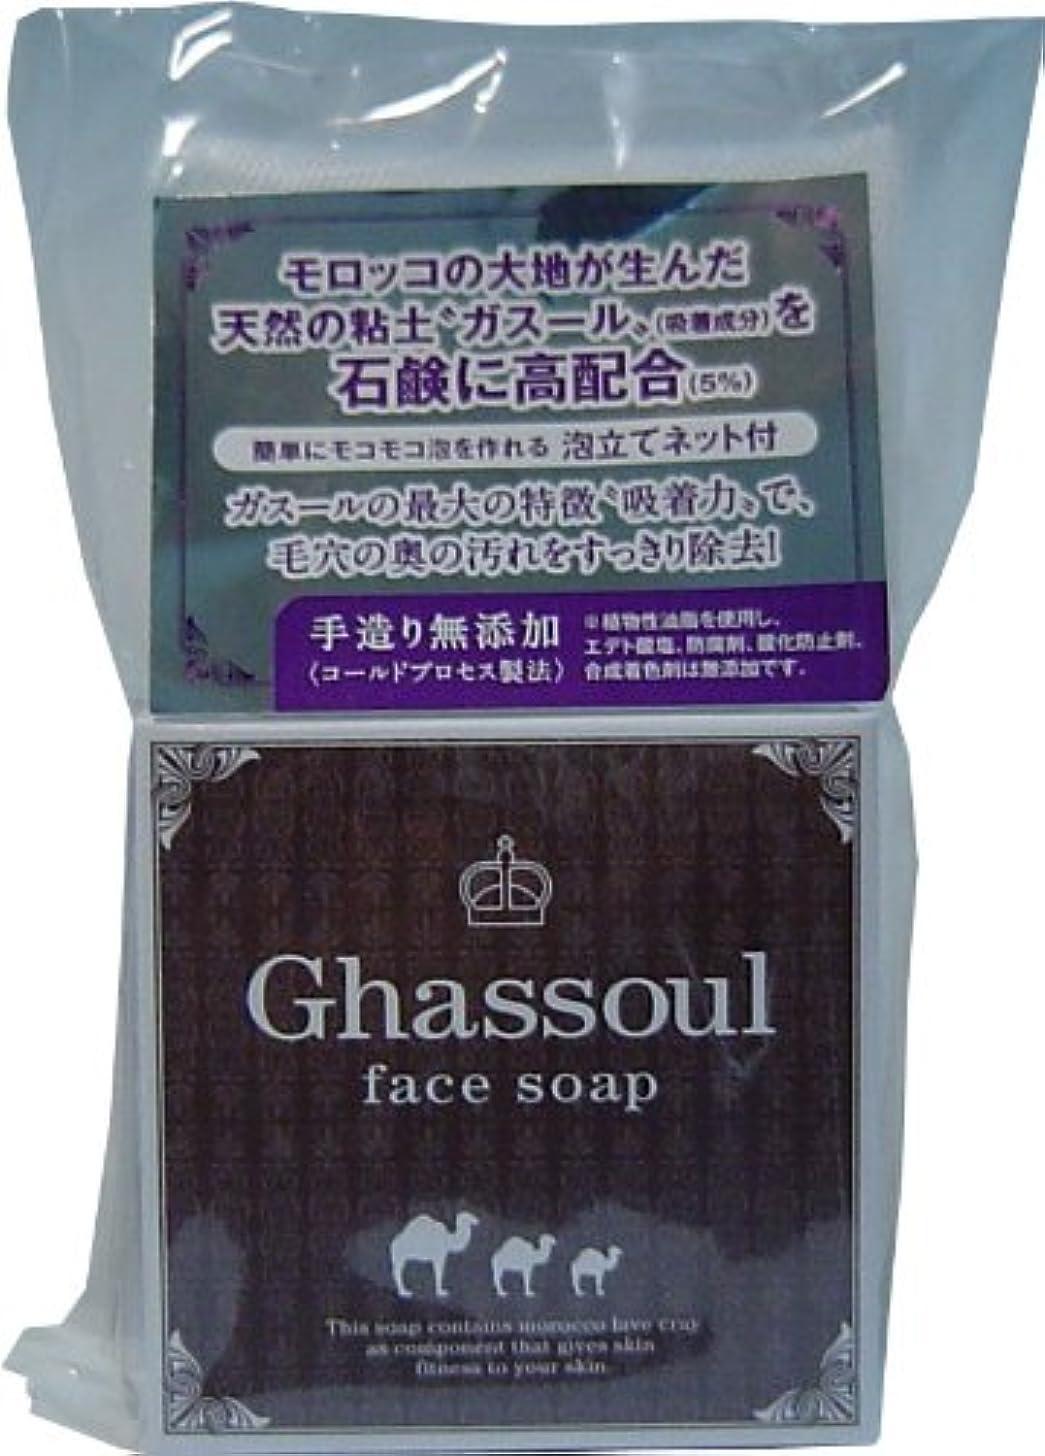 Ghassoul face soap ガスールフェイスソープ 100g「3点セット」